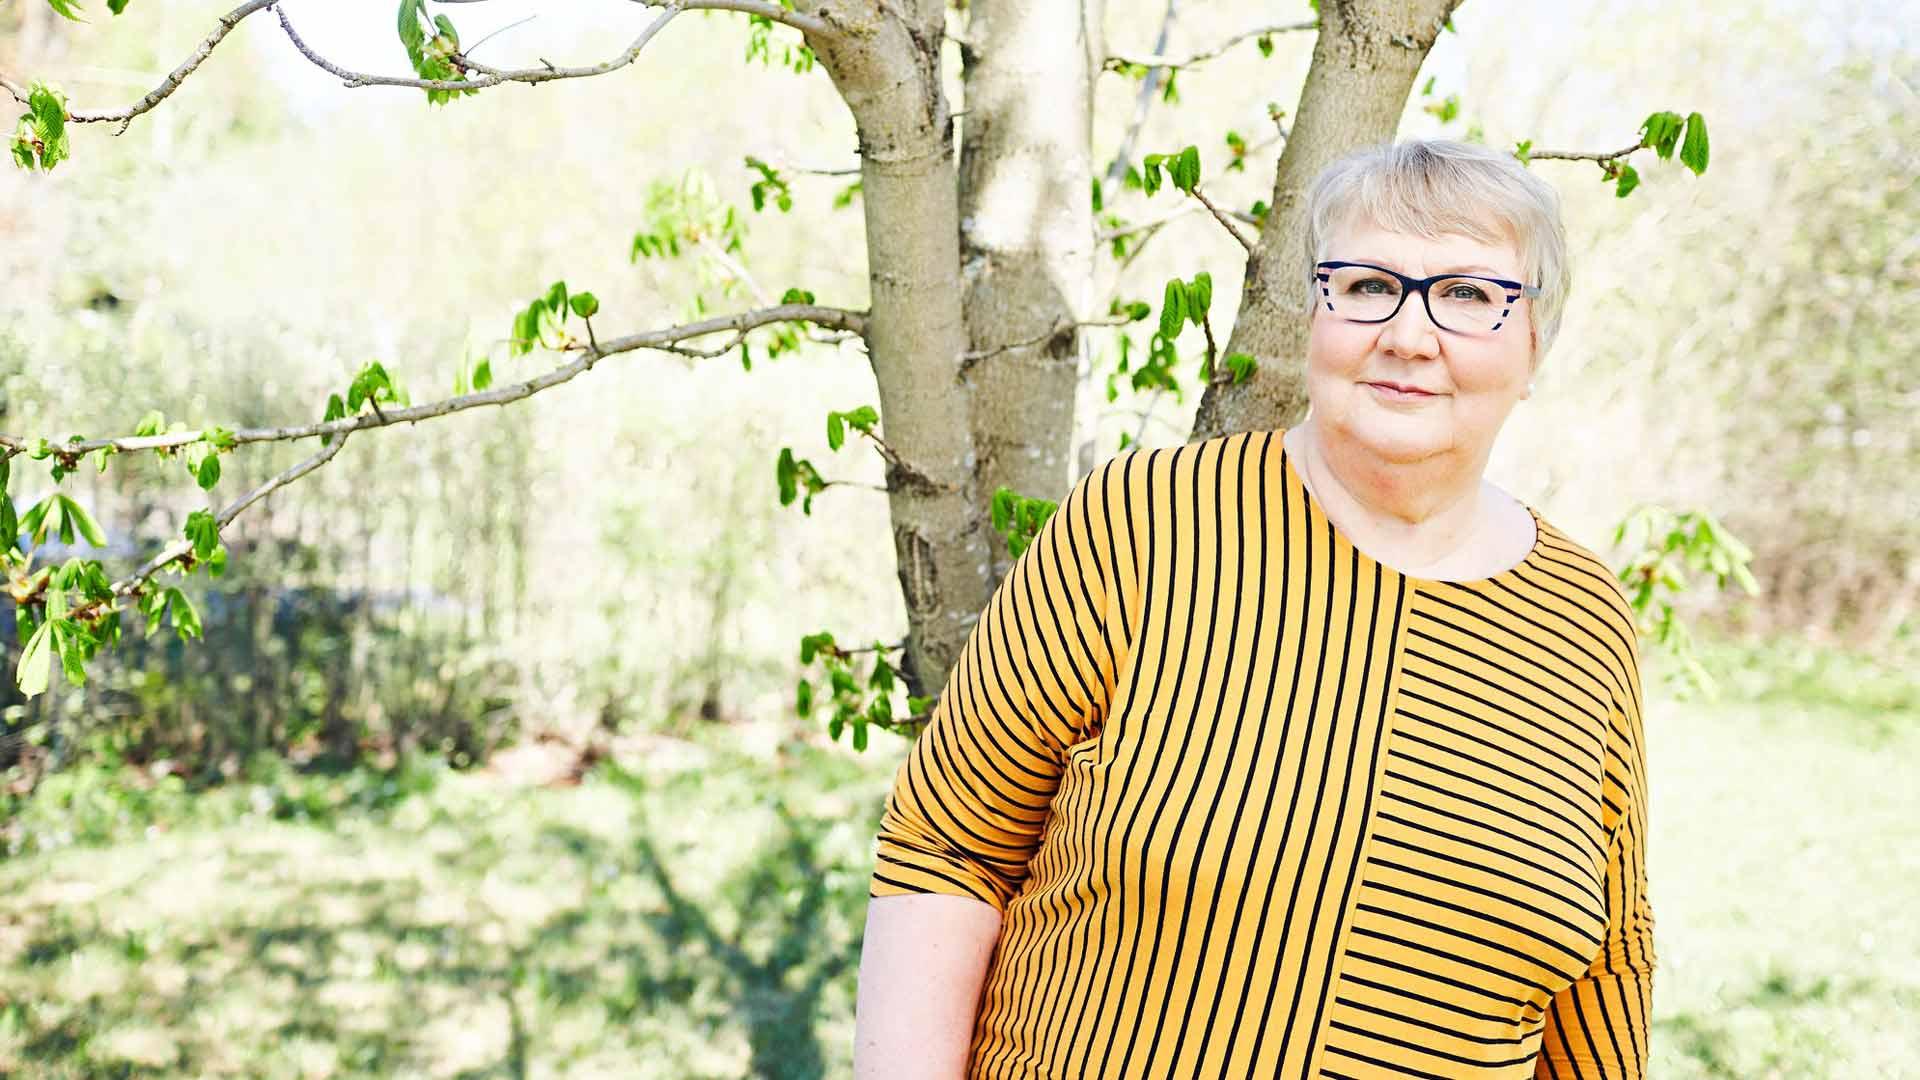 Kirjailija Anneli Kanto kirjoitti romaanin Pyhän Ristin kirkosta ja ihastui Hattulan maisemiin.